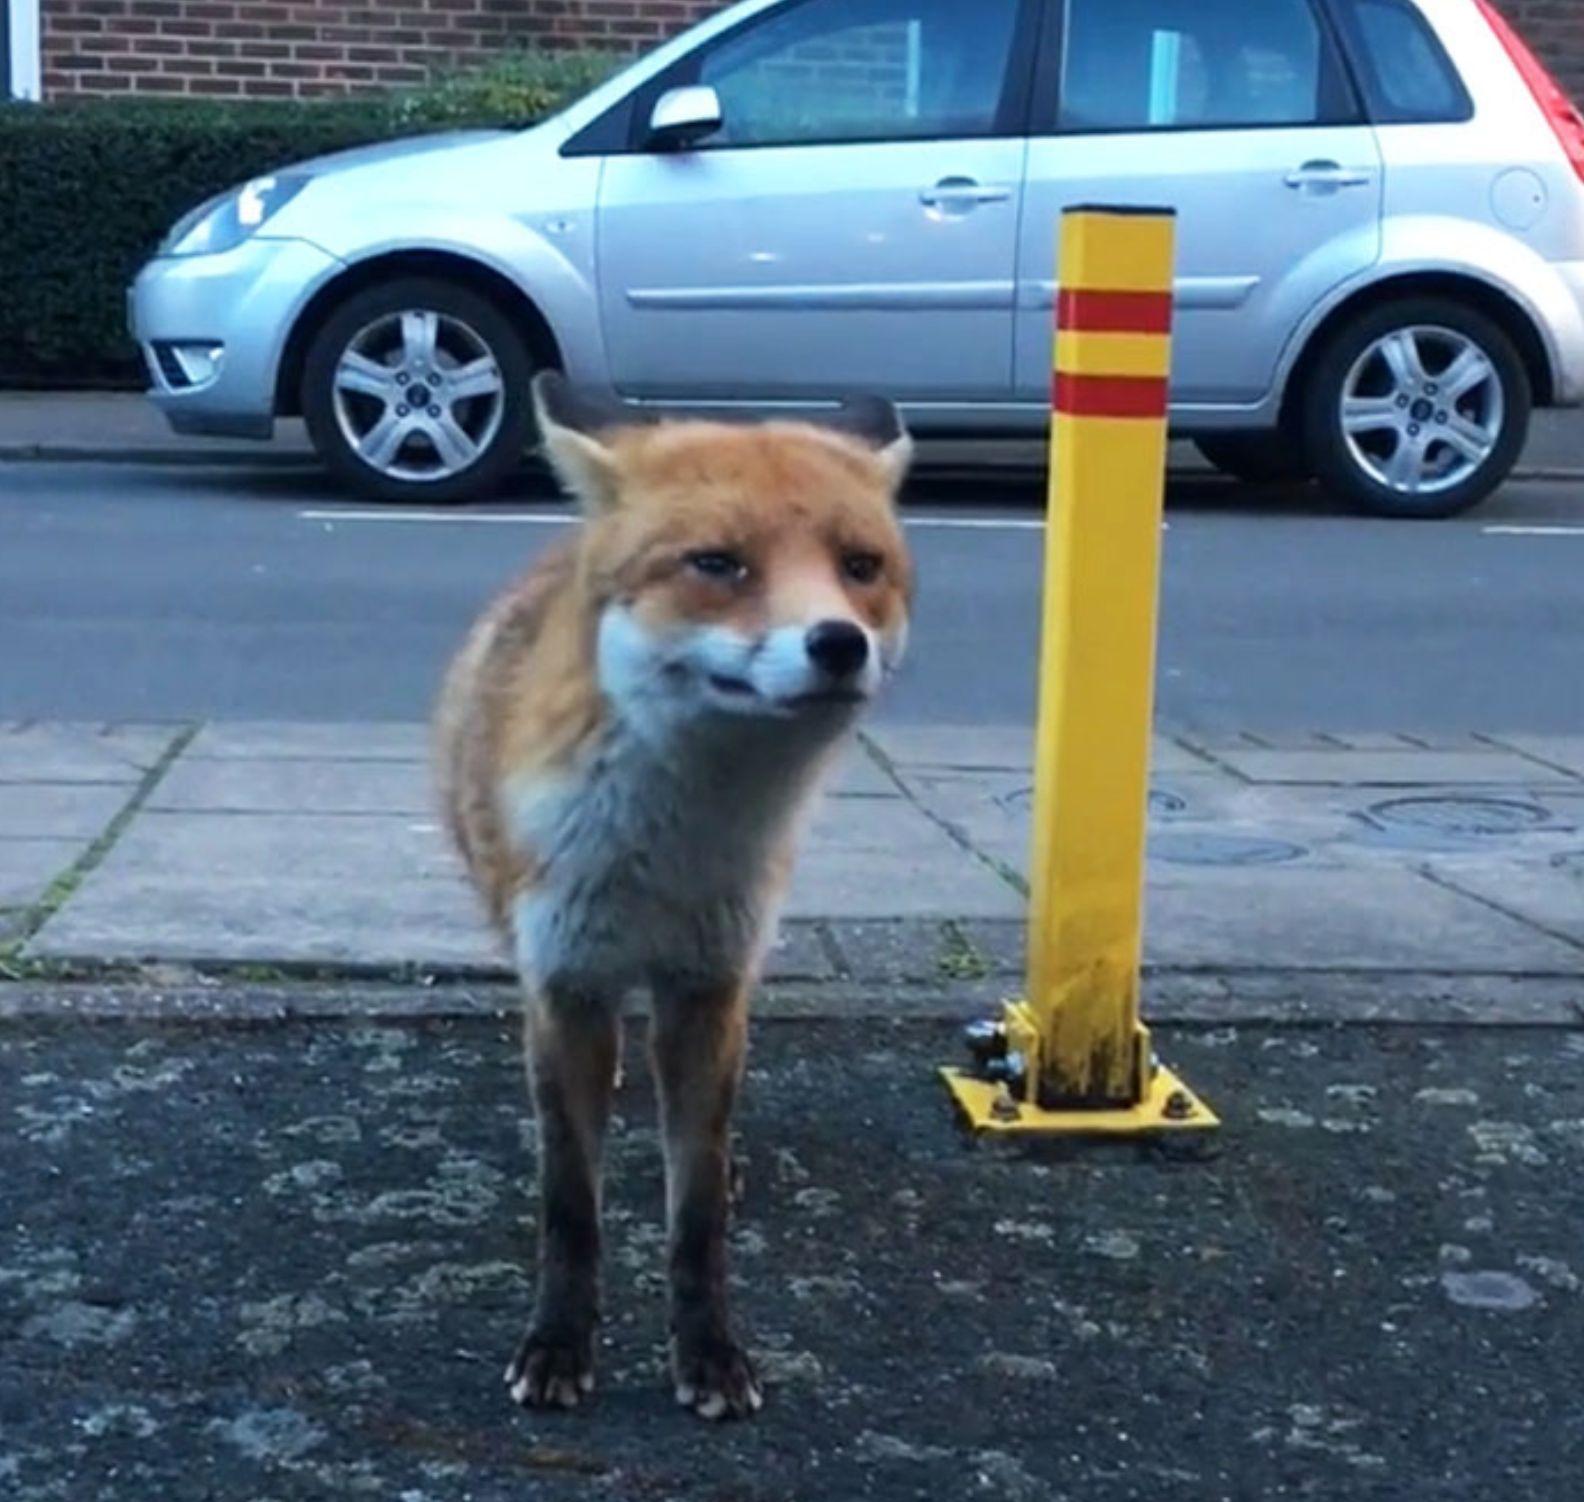 Blauäugig lockte ein Mann einen Fuchs an, um ihn zu filmen – jetzt bereut er es